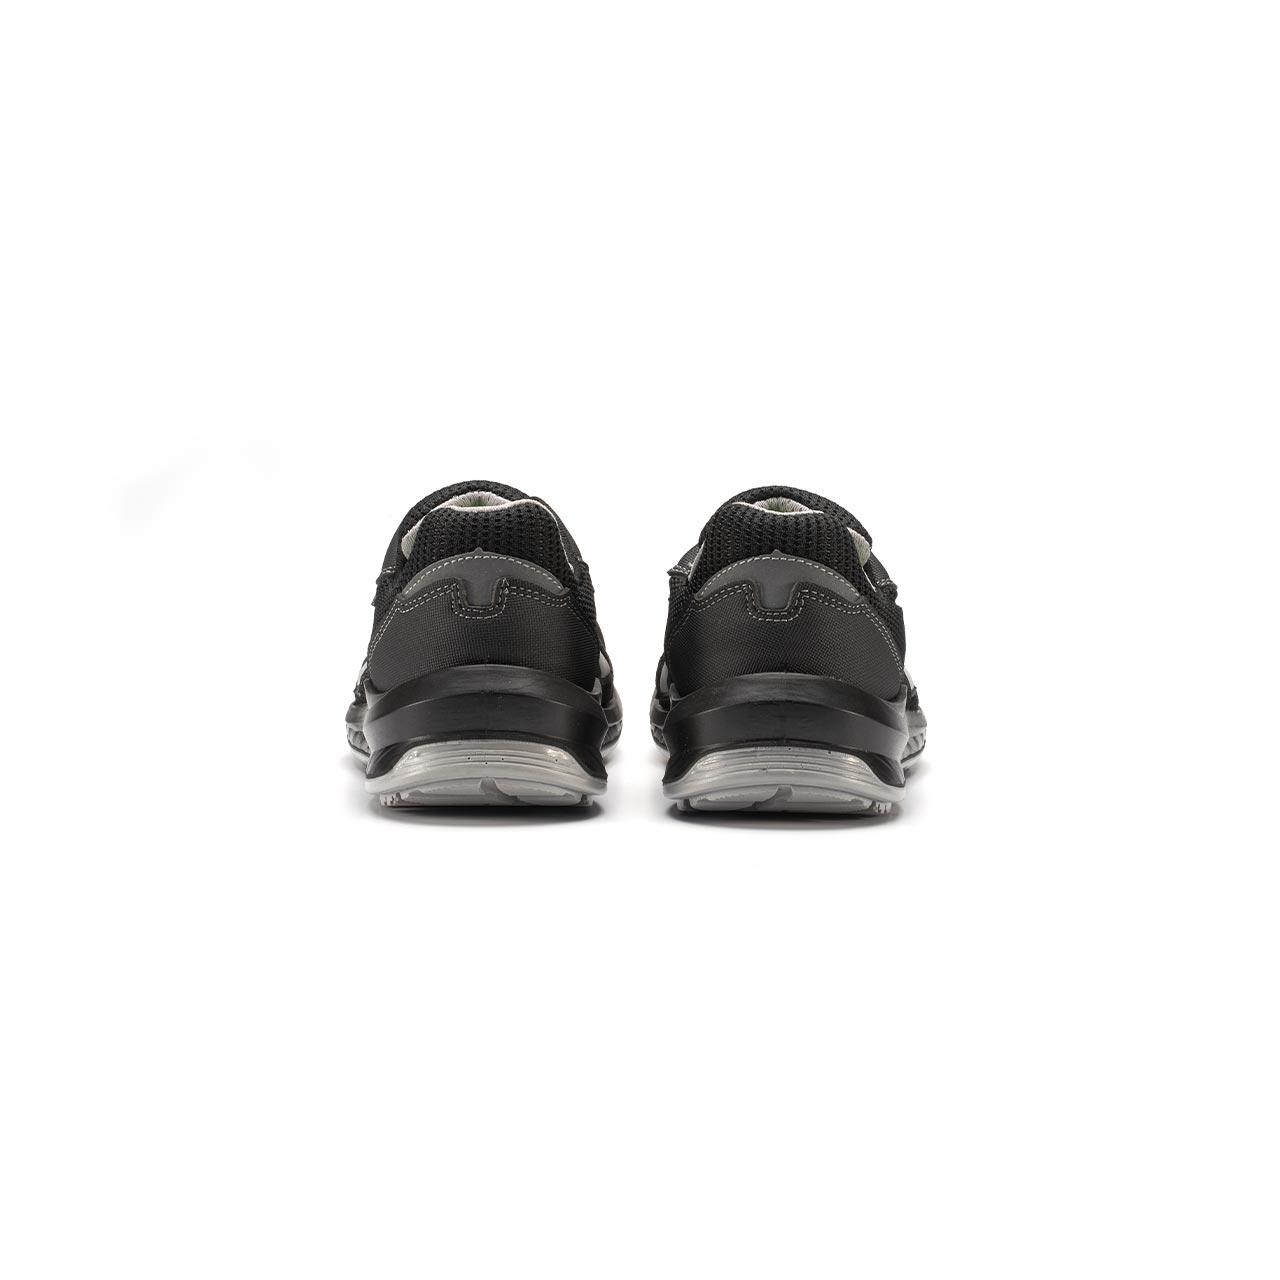 paio di scarpe antinfortunistiche upower modello shanghai linea redindustry vista retro